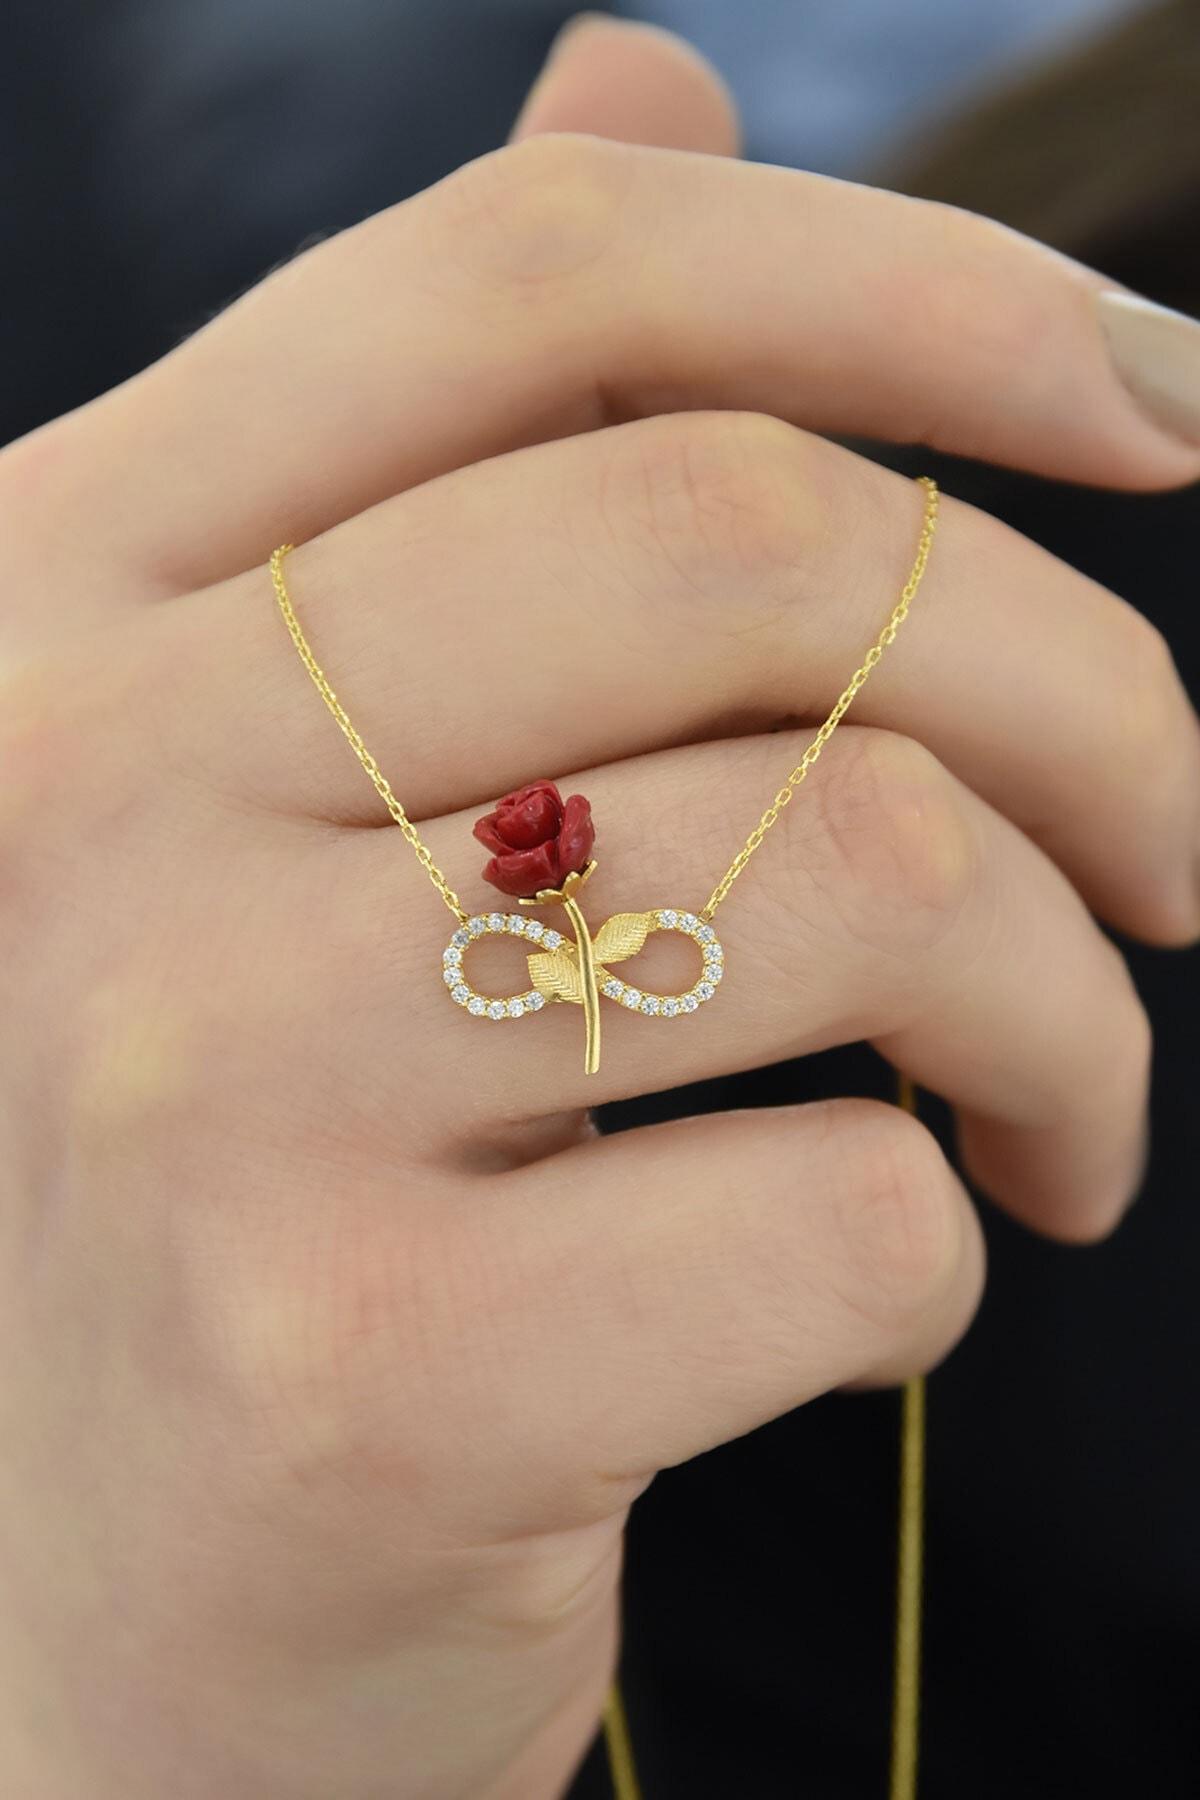 Papatya Silver Kadın Kırmızı Gül Gold Kaplama Sonsuzluk 925 Ayar Gümüş Kolye 1